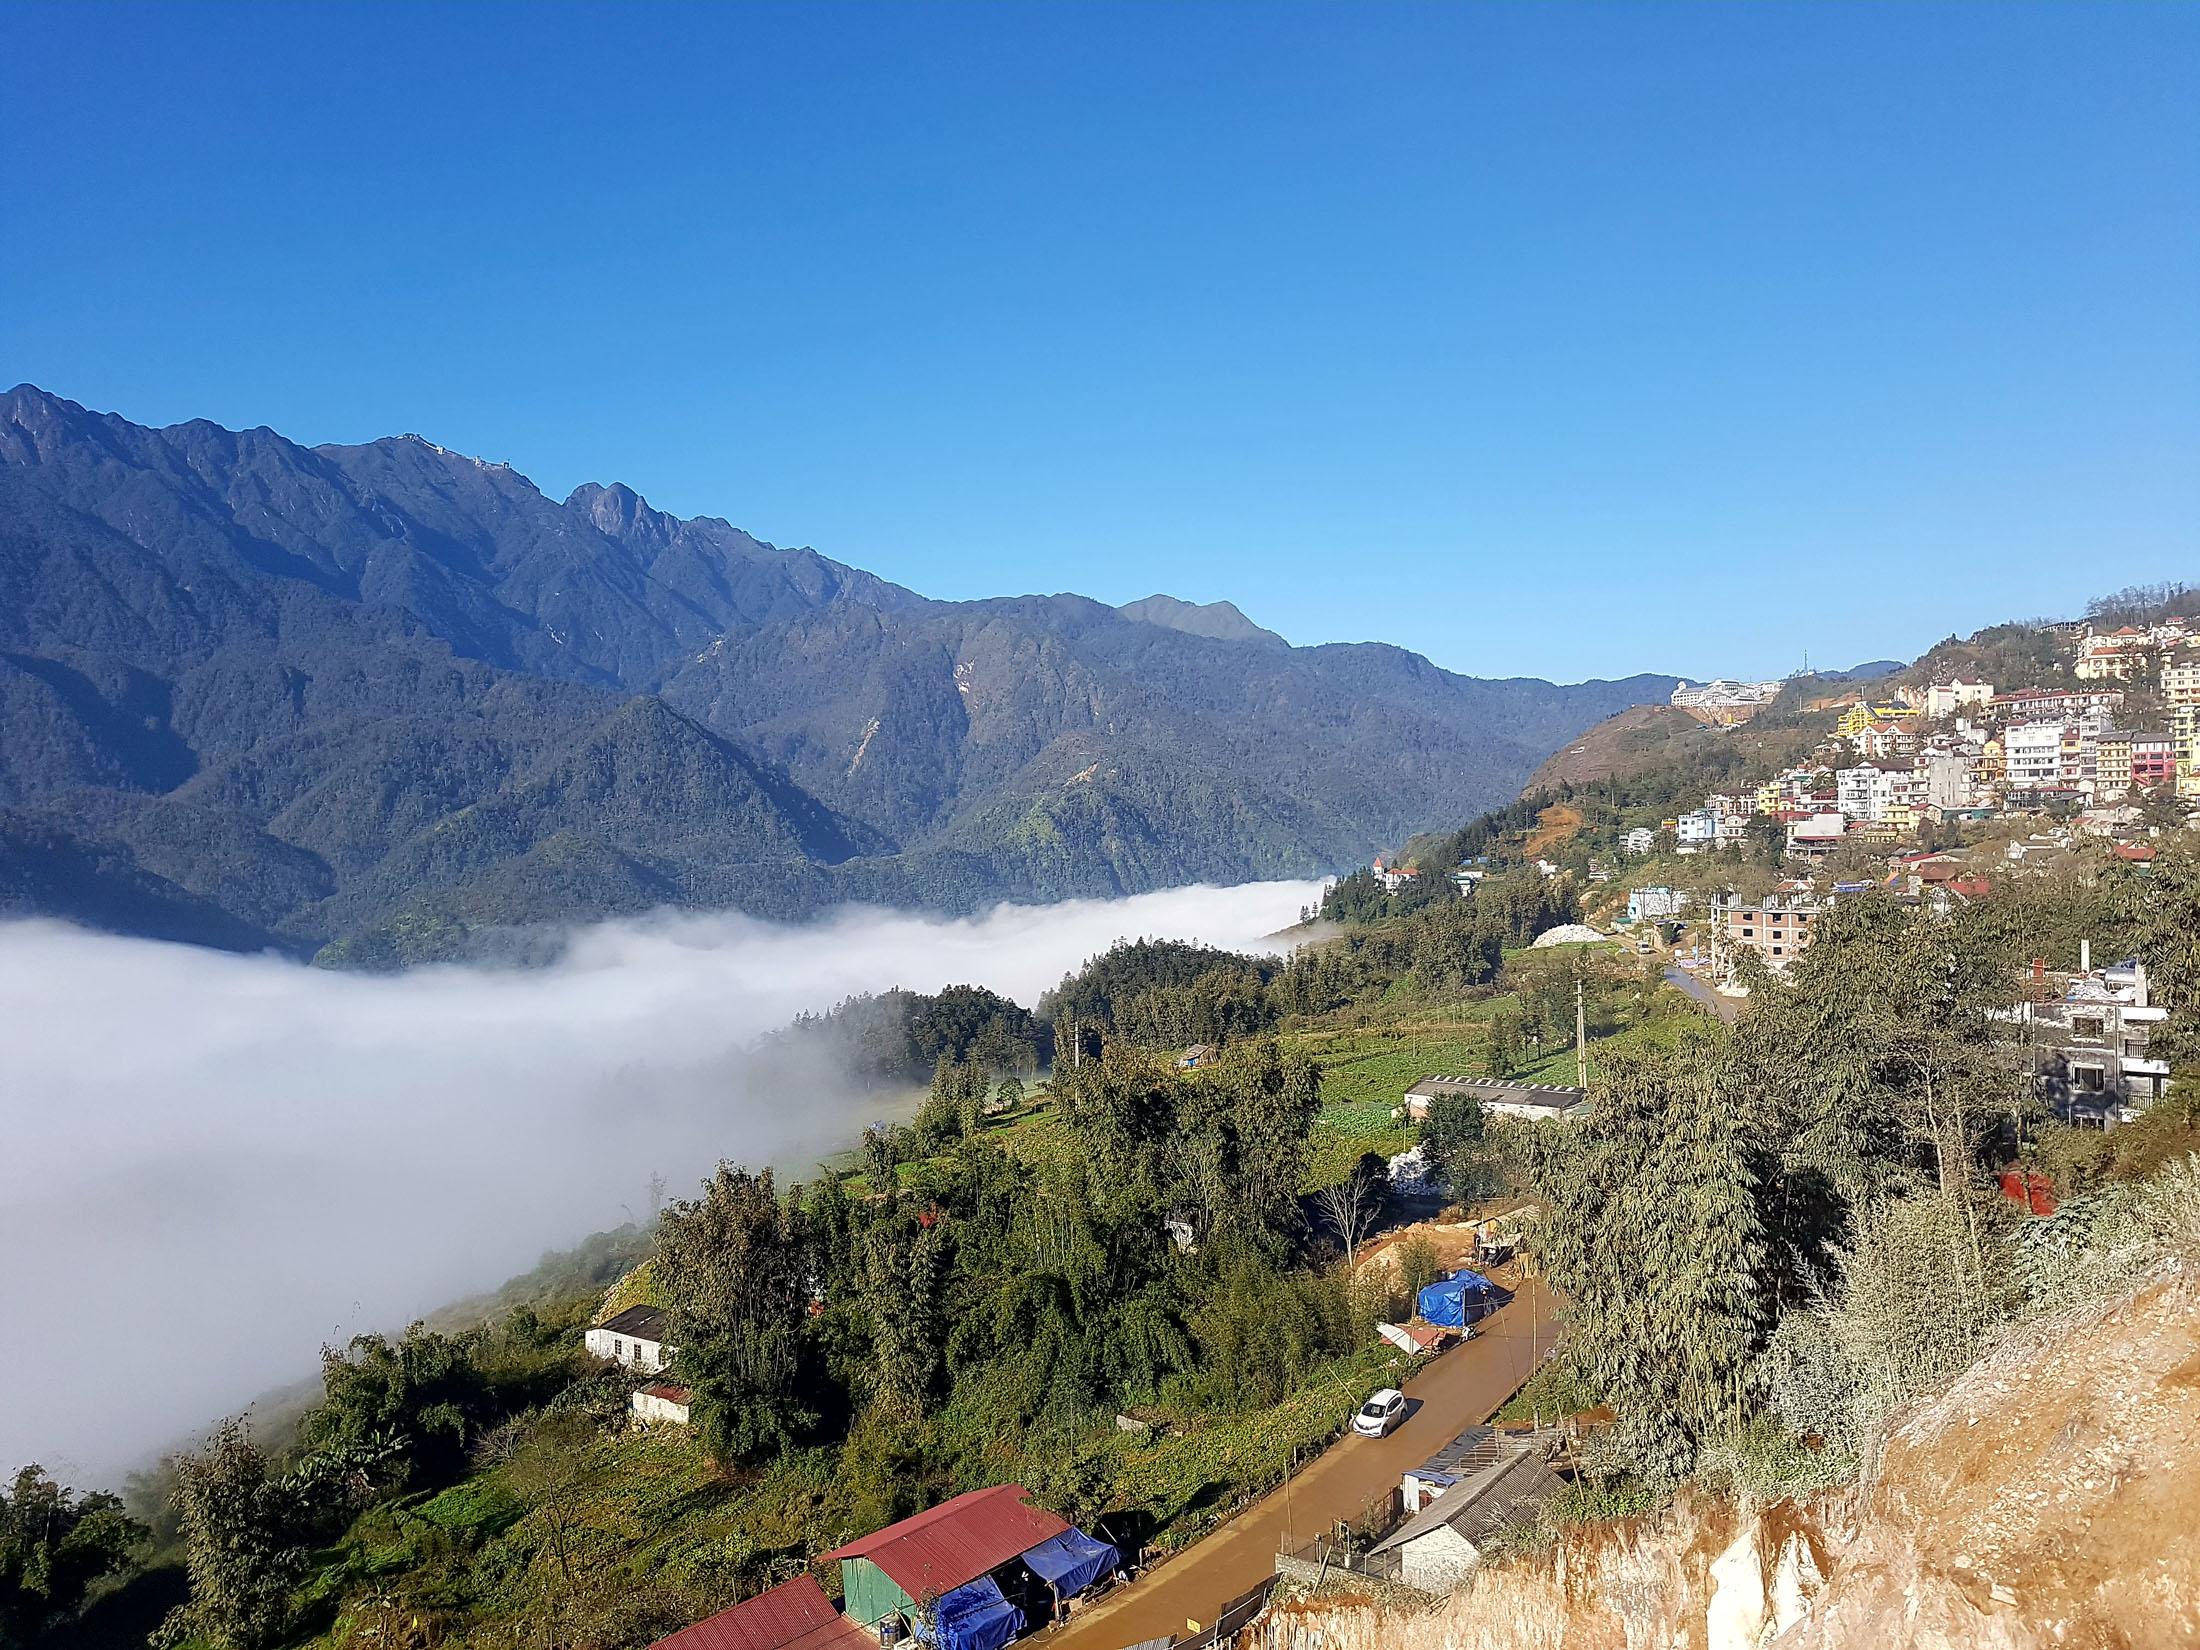 A localização de Sa Pa favorece a presença de persistentes fogs que tendem a encobrir a cidade ou curiosamente partes dela por dias à fio